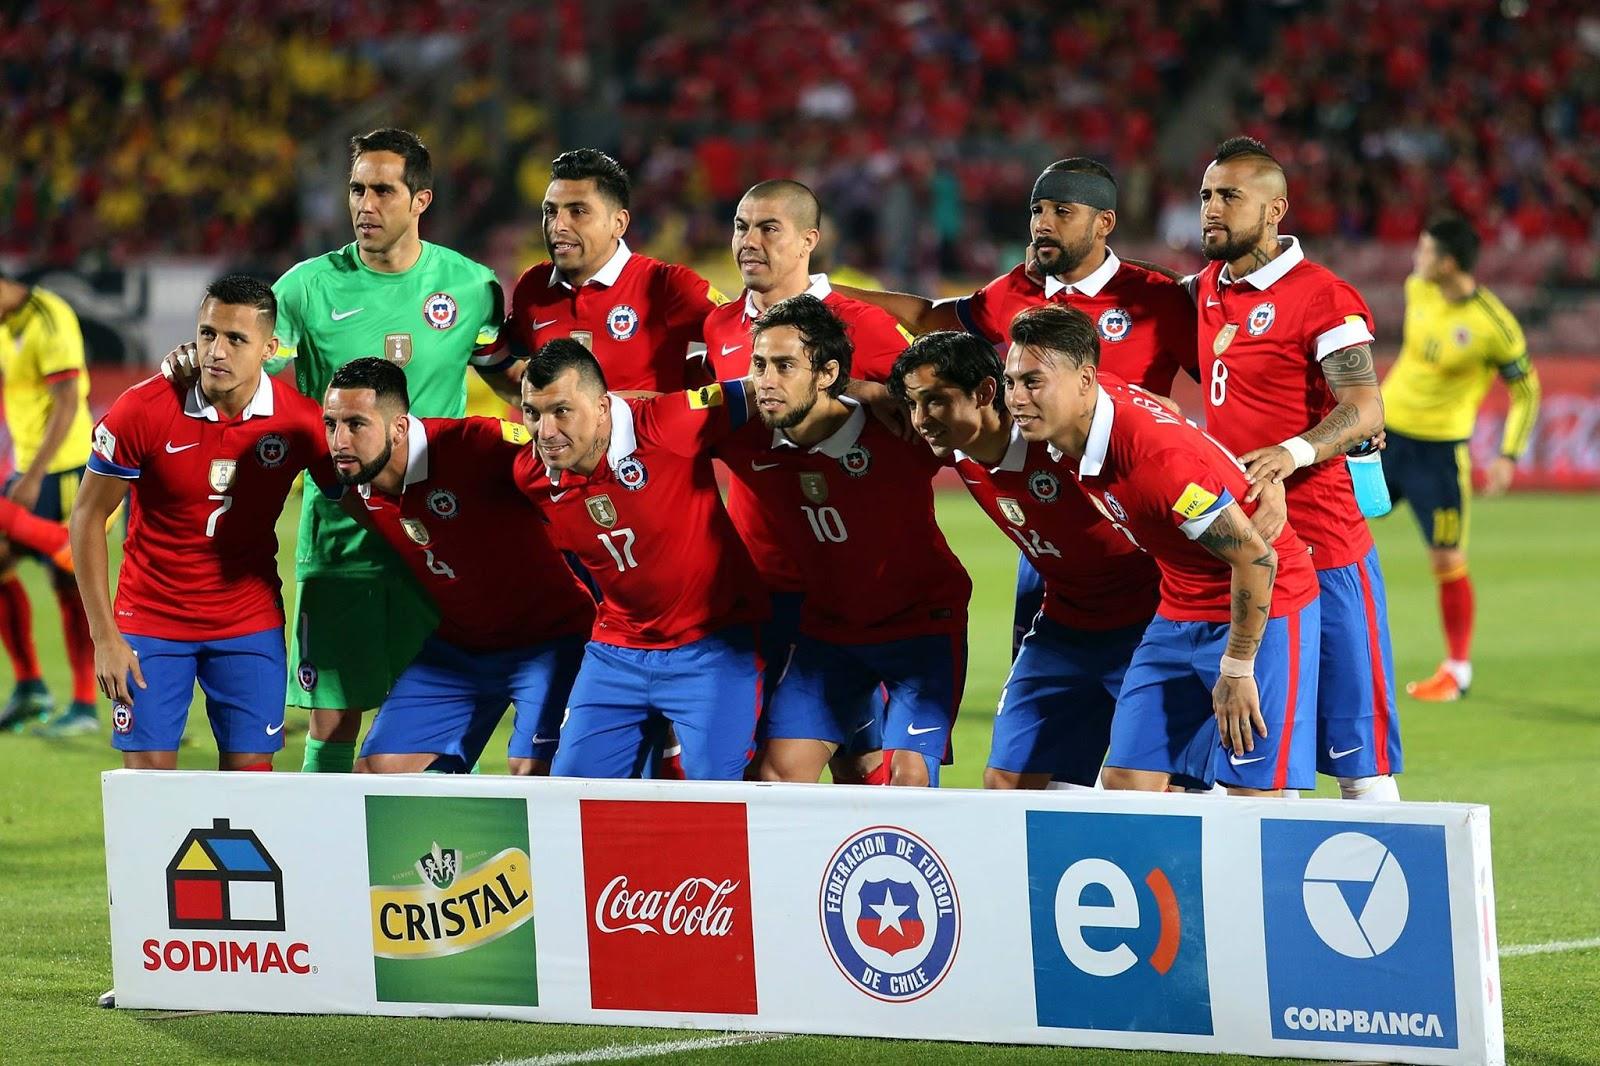 Formación de Chile ante Colombia, Clasificatorias Rusia 2018, 12 de noviembre de 2015